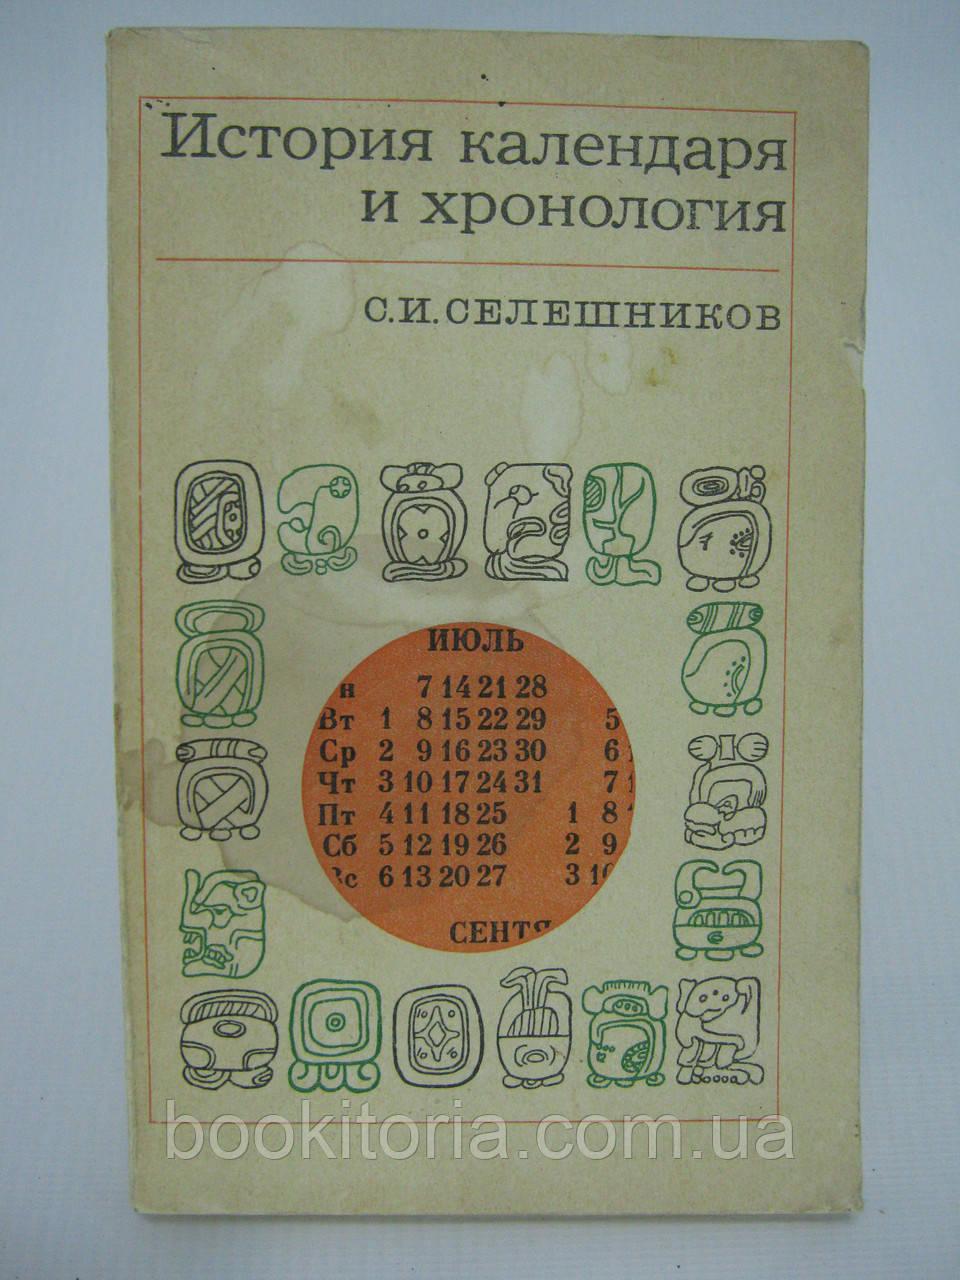 Селешников С.И. История календаря и хронология (б/у).